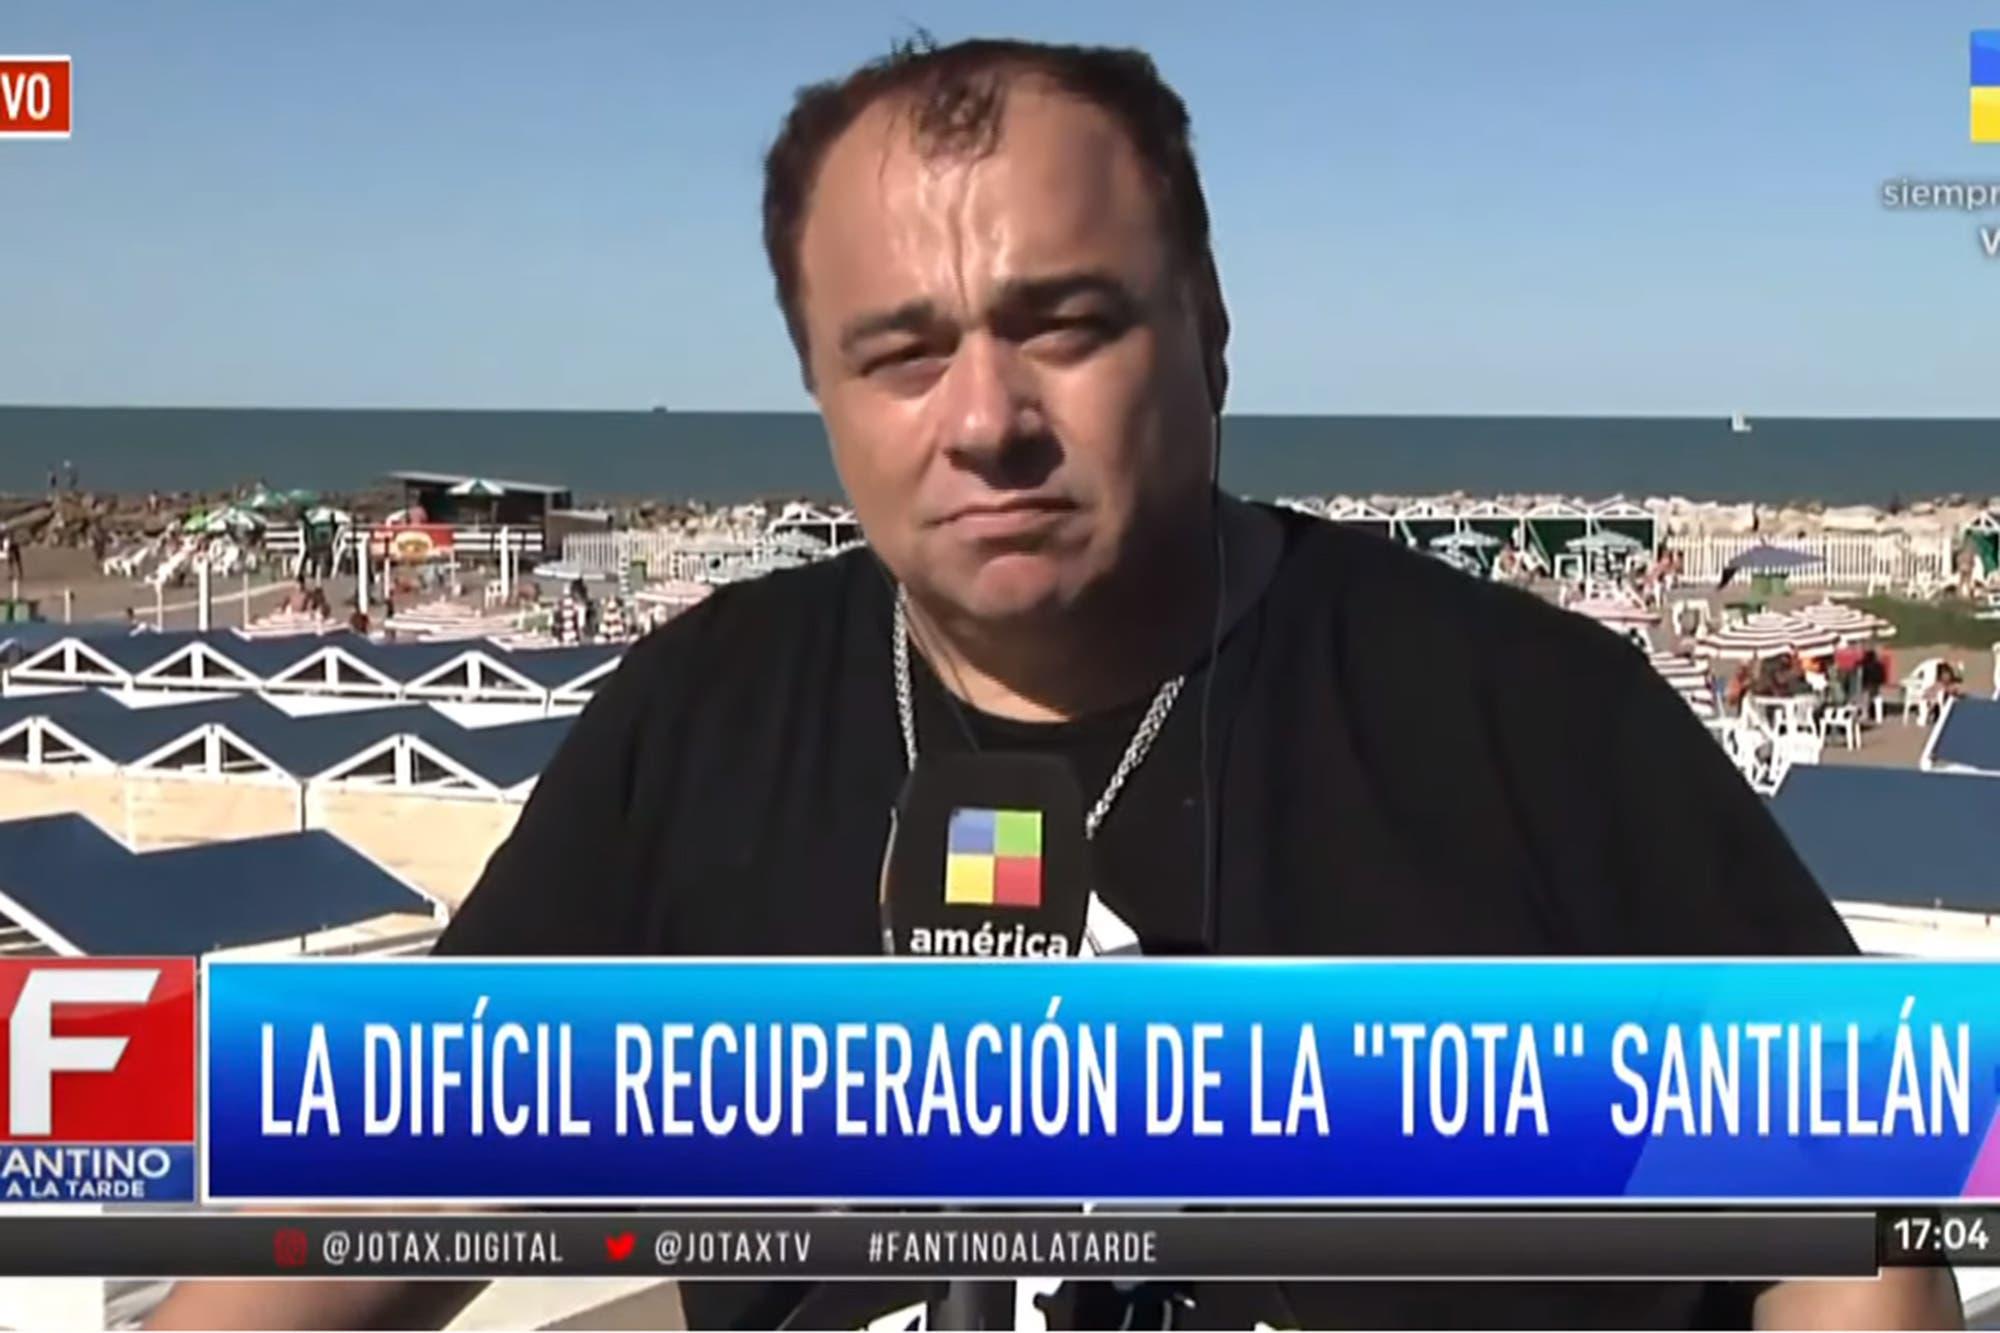 La nueva vida de La Tota Santillán, tras el alta psiquiátrico